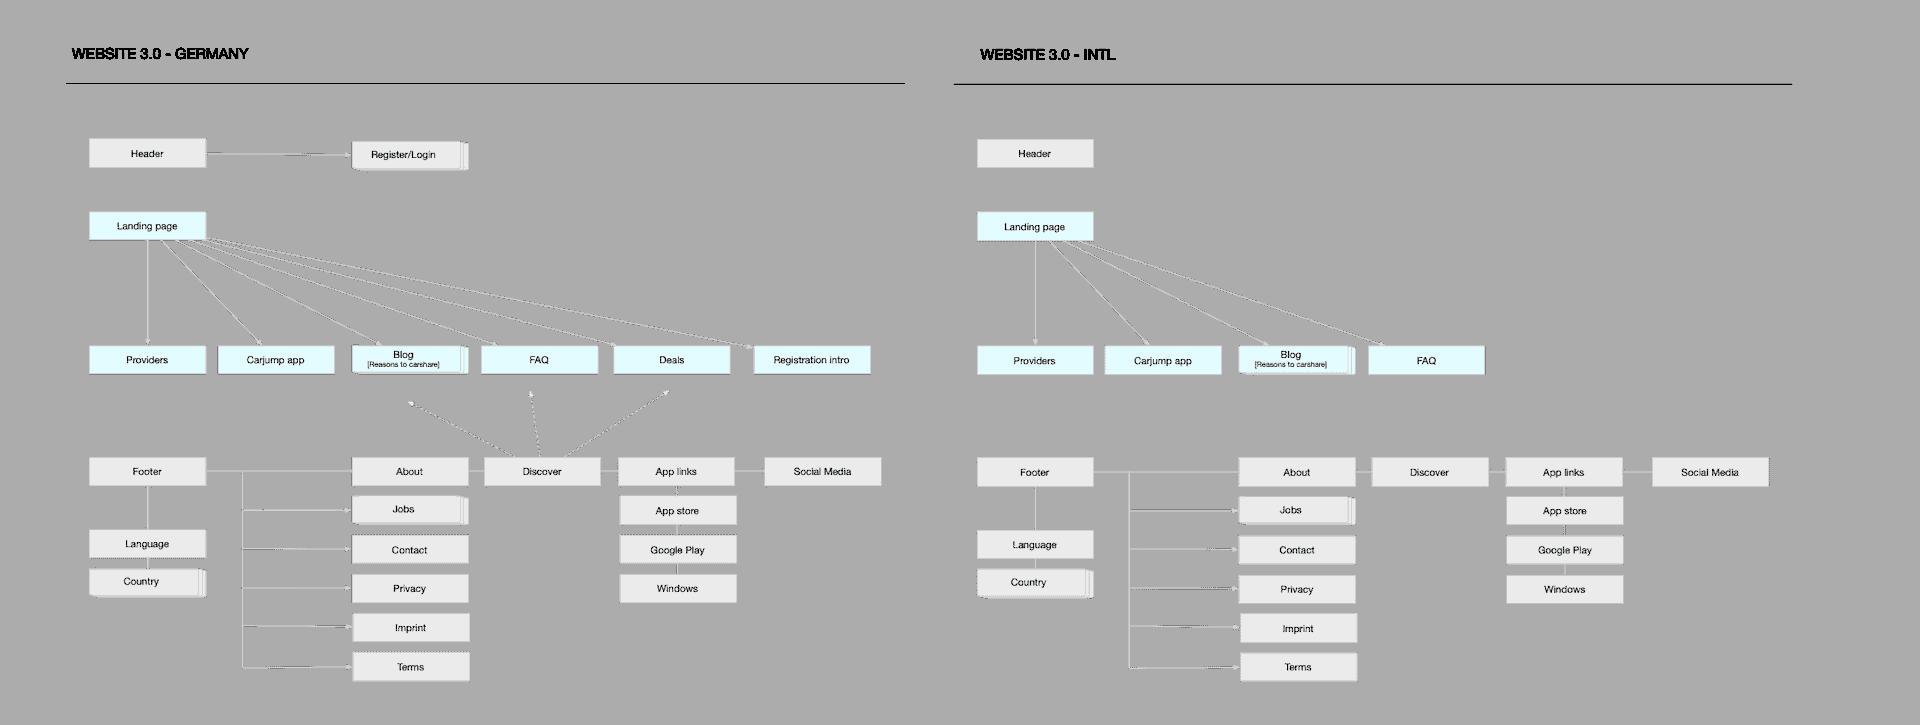 sitemap 3.0